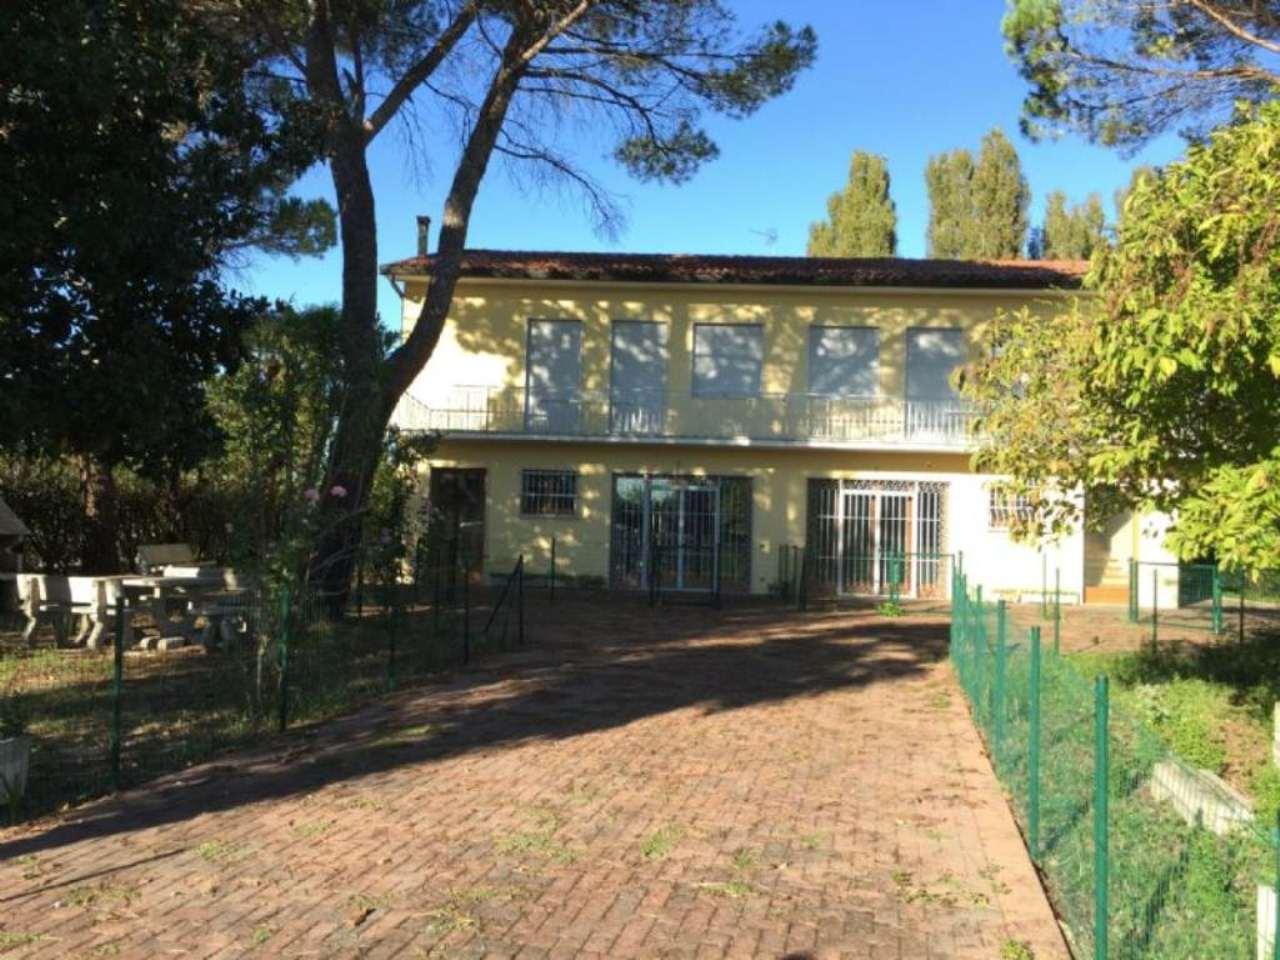 Soluzione Indipendente in vendita a Martellago, 5 locali, prezzo € 265.000 | Cambio Casa.it